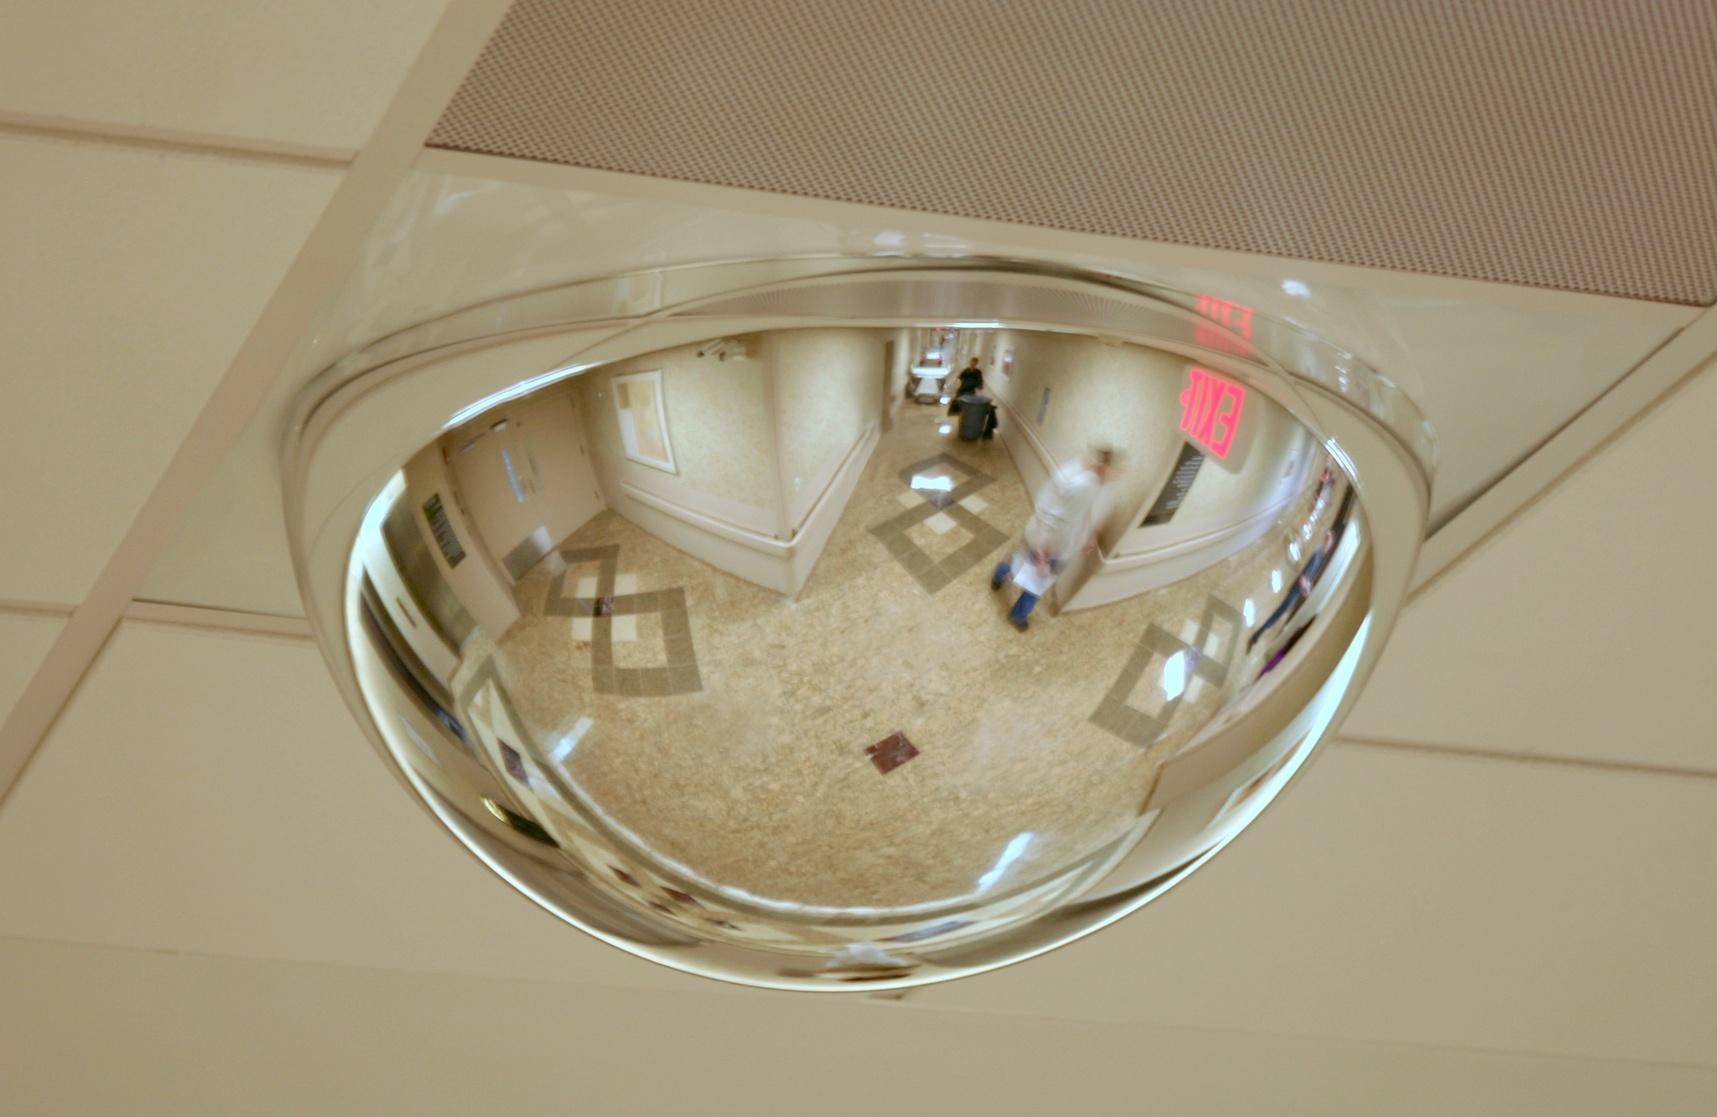 Visitor Management, vendor credentialing, hospital safety, hospital security